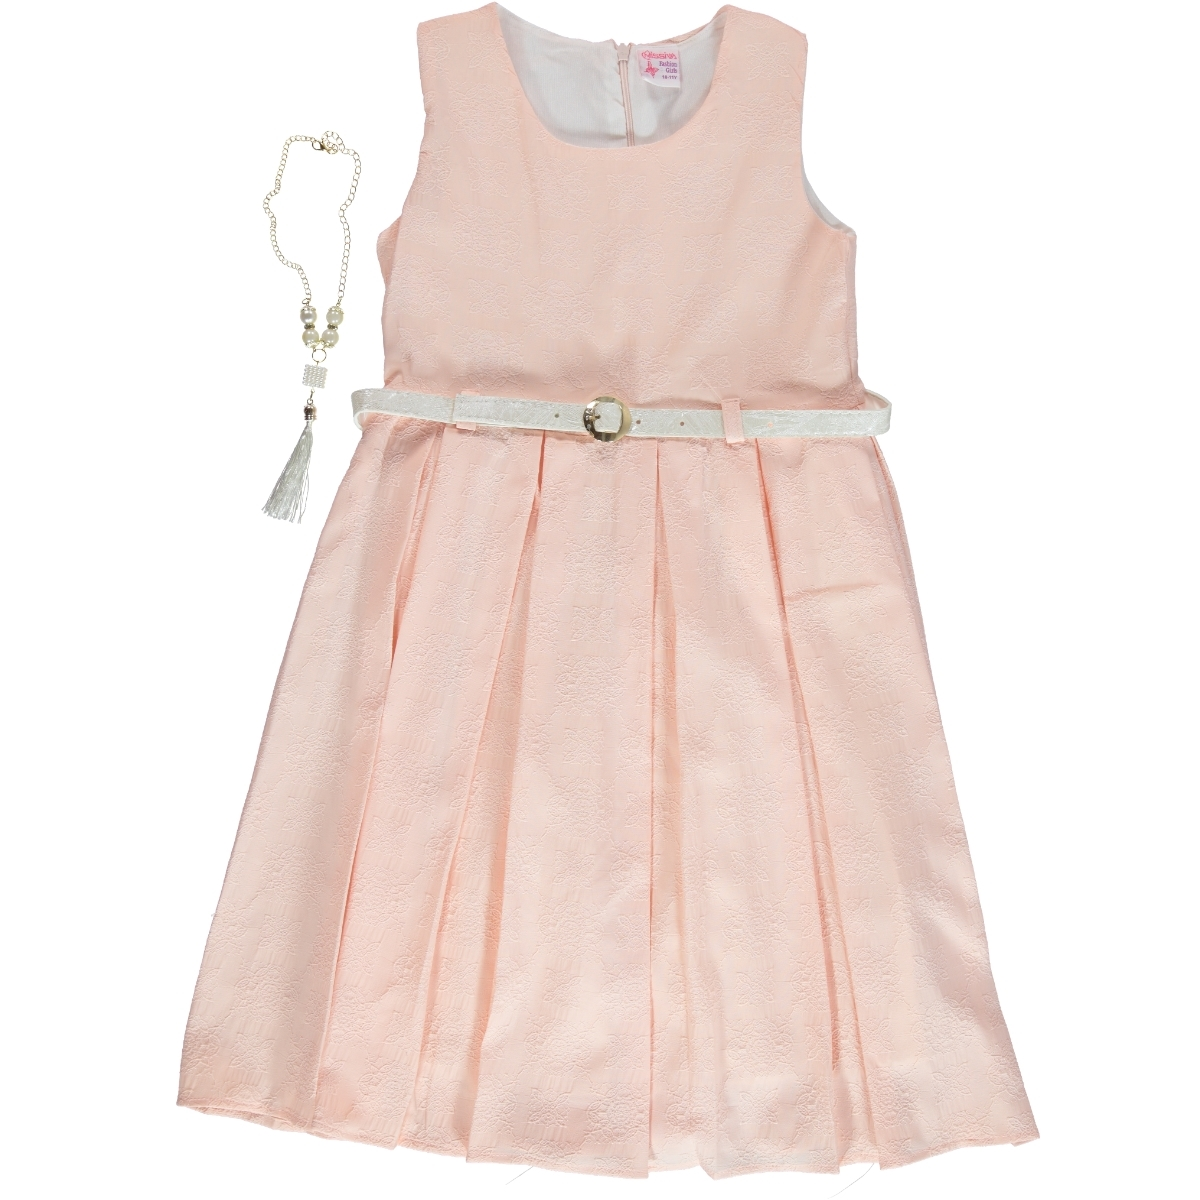 fe2994b9c276d 2253 / PDR Missiva Kız Çocuk Elbise 10-13 Yaş Pudra Pembe